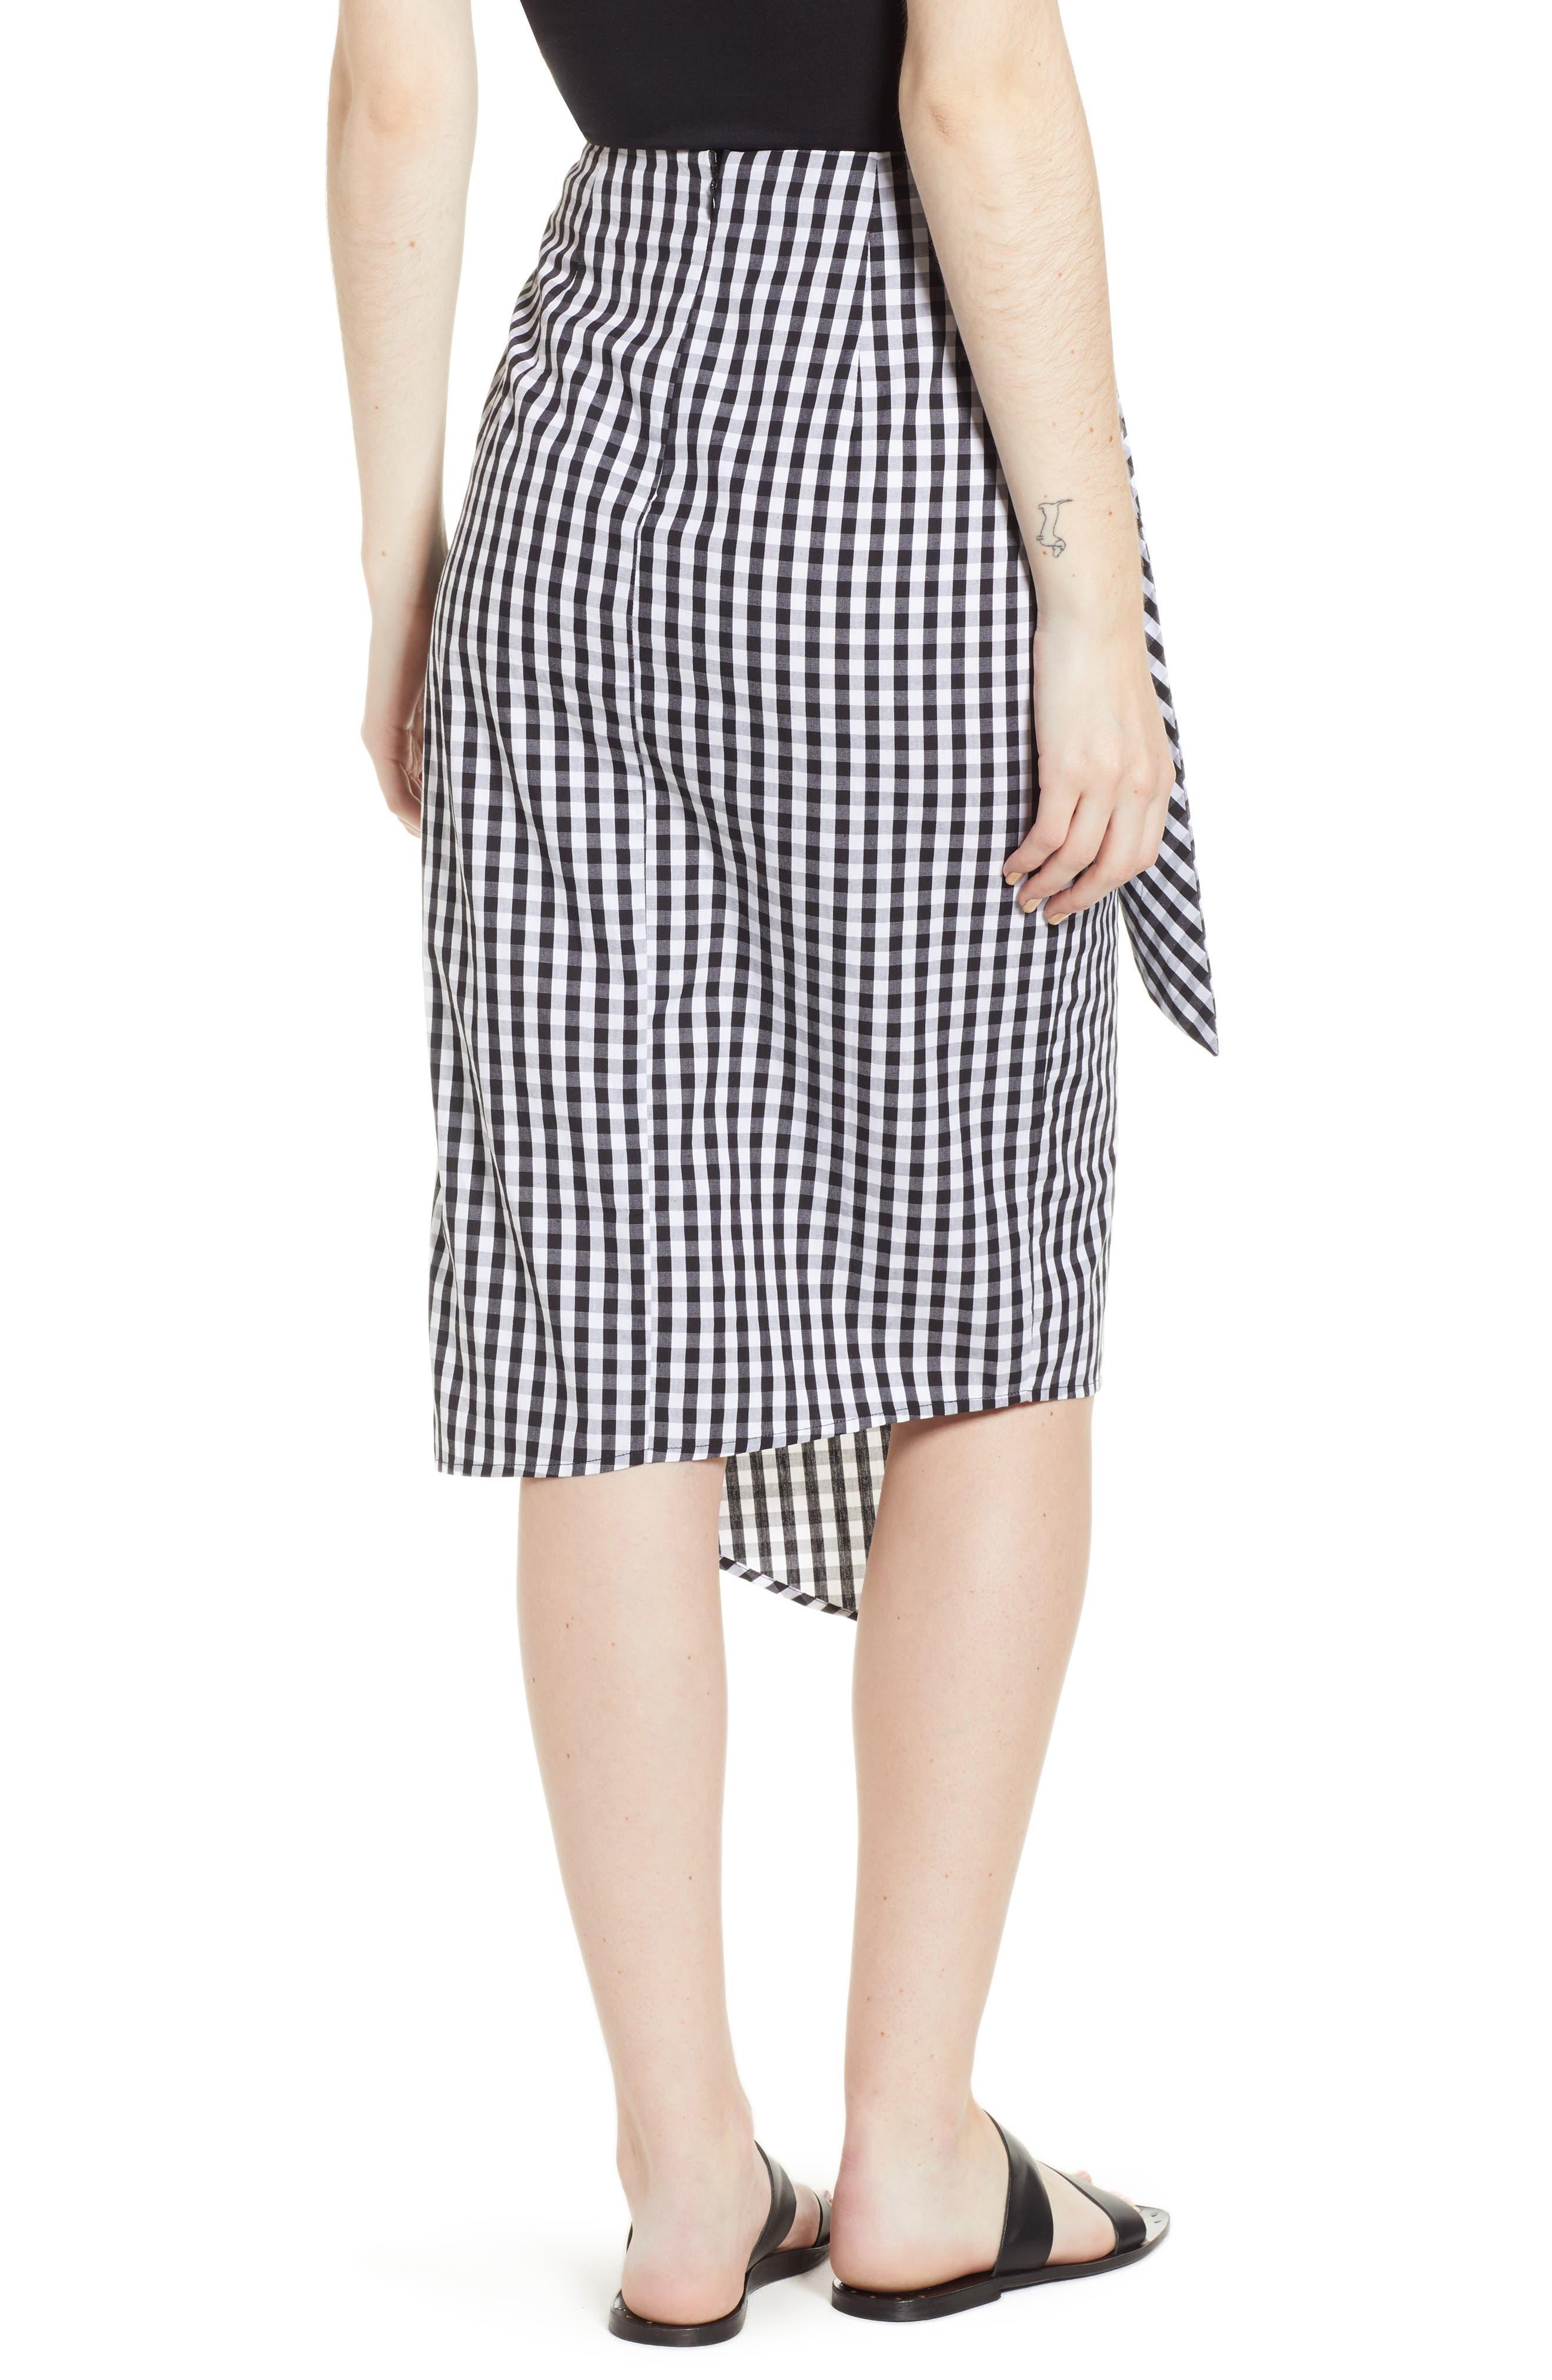 Gingham Tie Waist Skirt,                             Alternate thumbnail 2, color,                             Black/ White Gingham